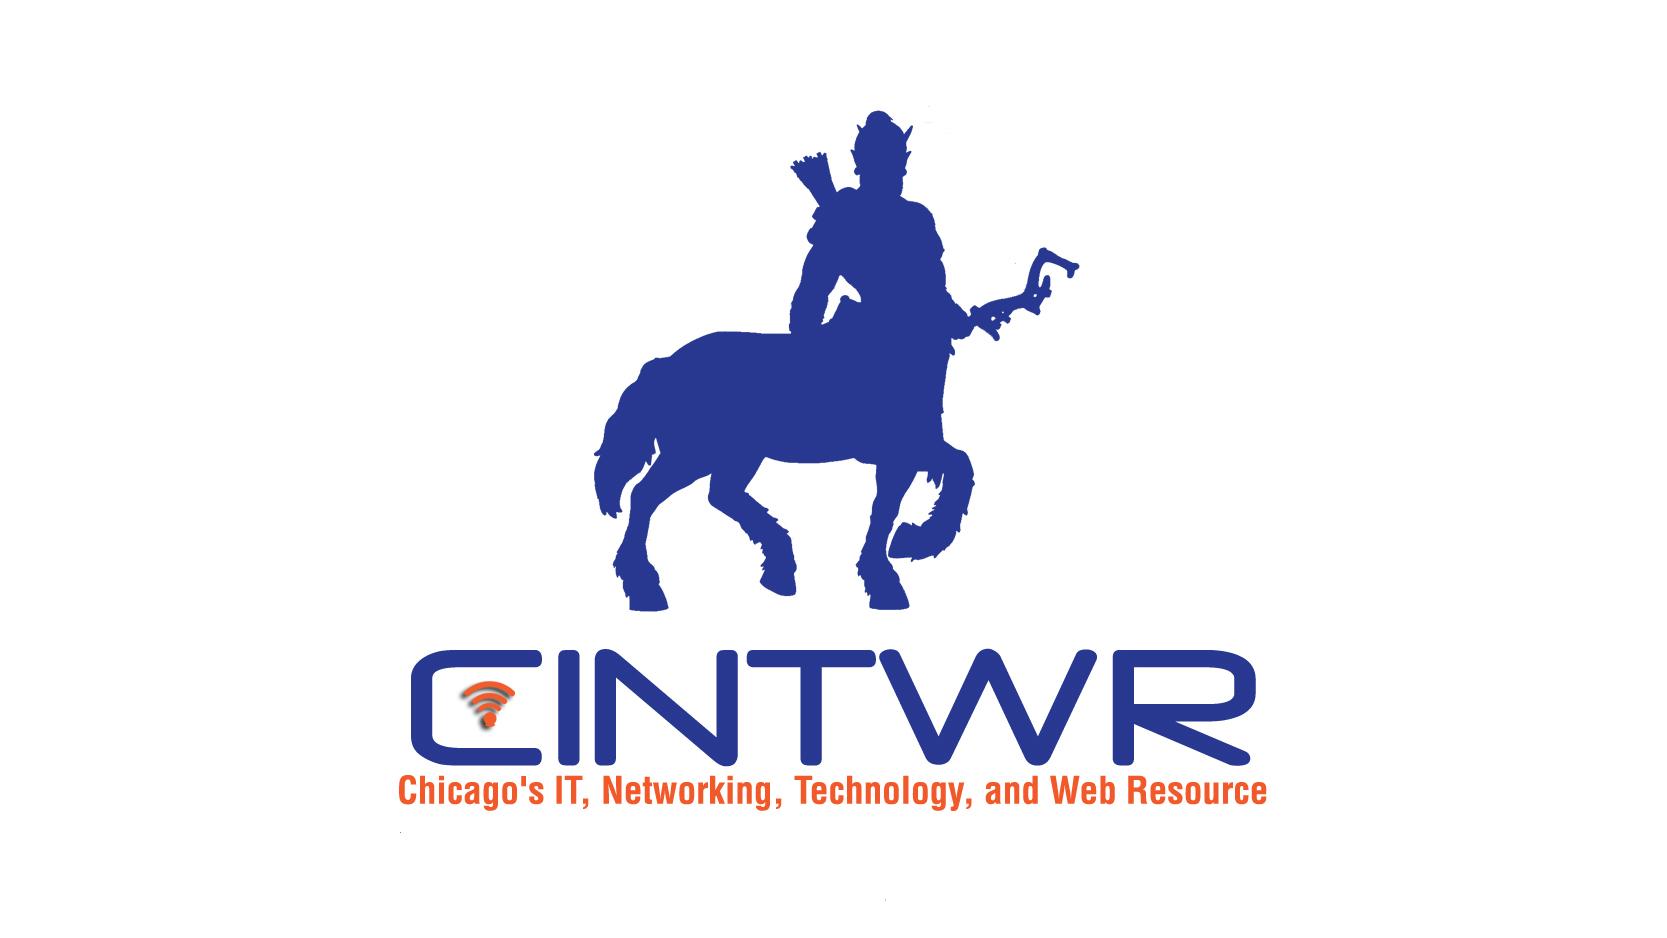 CINTWR VoIP & Tech Solutions